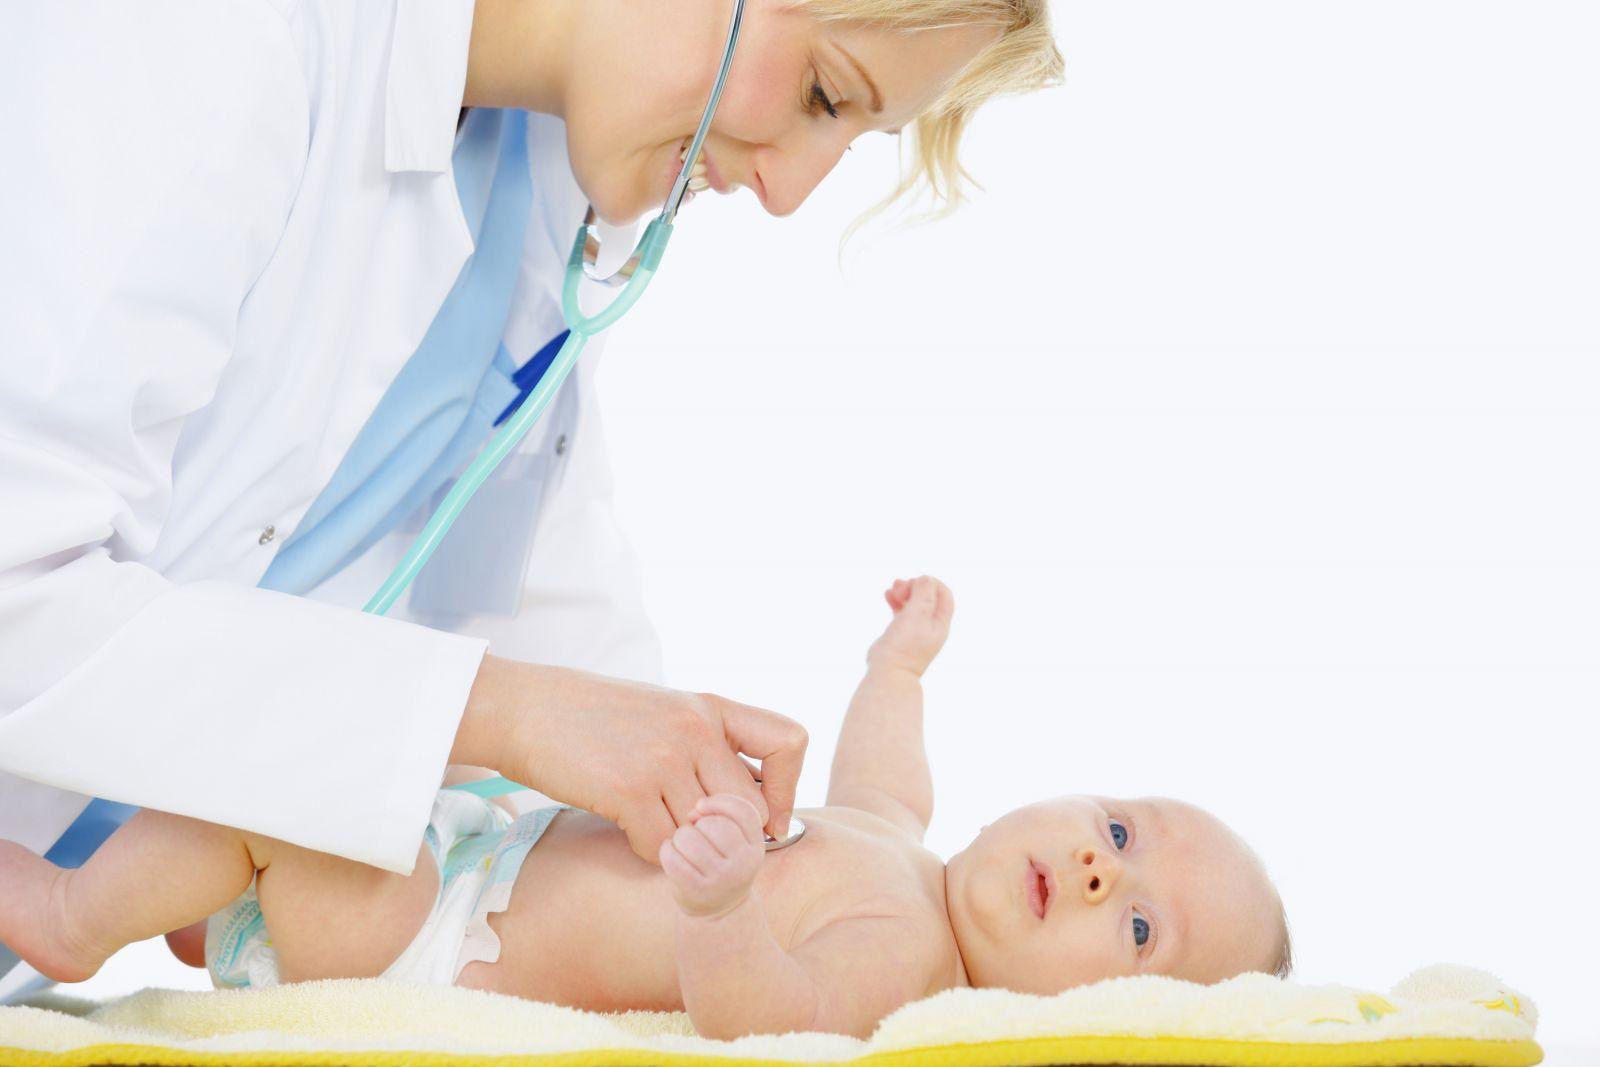 врач осматривает ребёнка